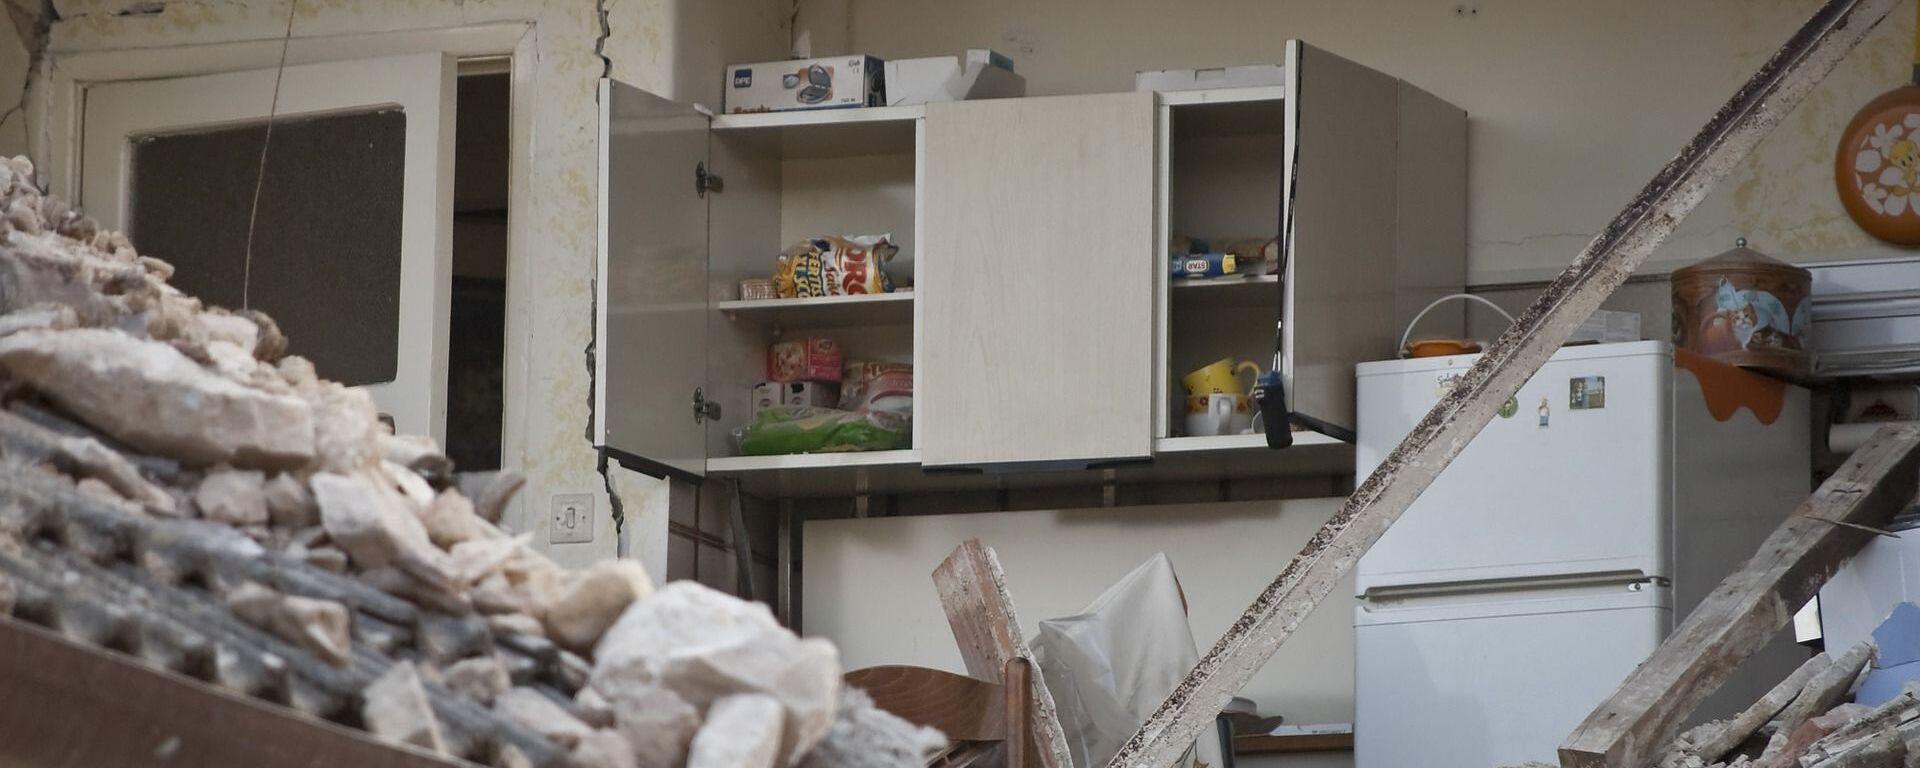 Разрушенная квартира после землетрясения - Sputnik Таджикистан, 1920, 10.07.2021